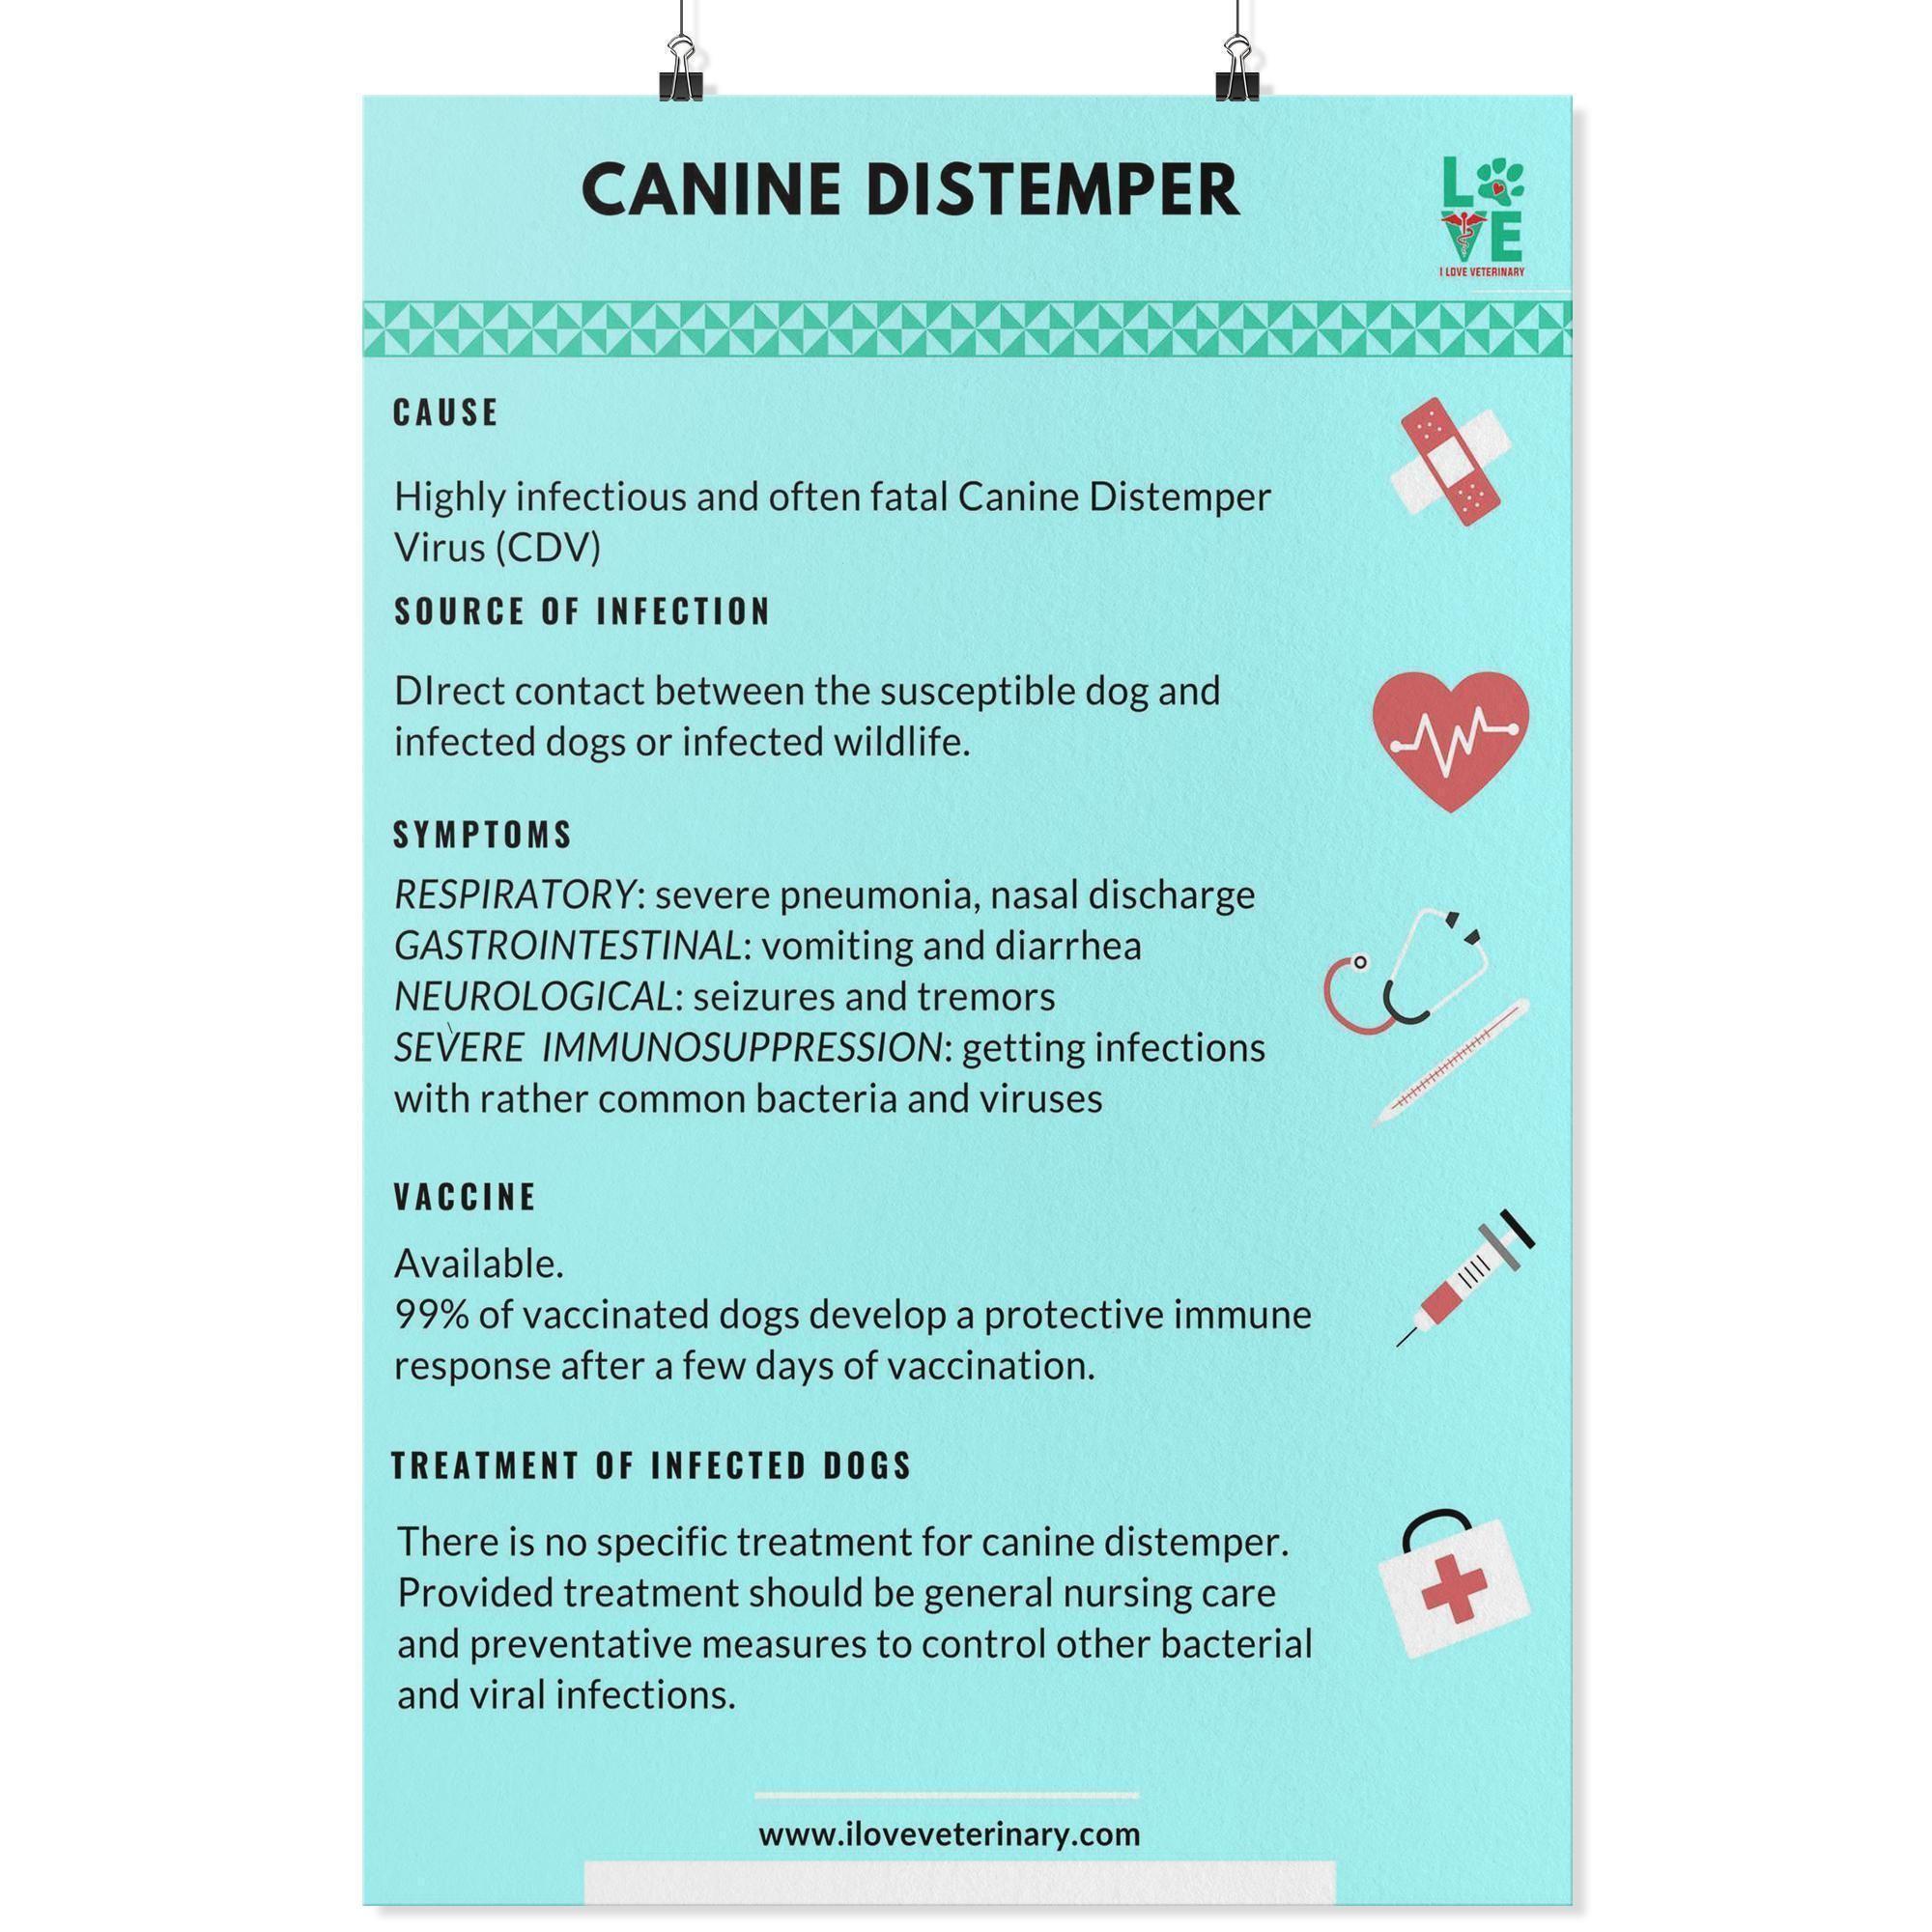 Canine distemper poster in 2020 vet medicine vet